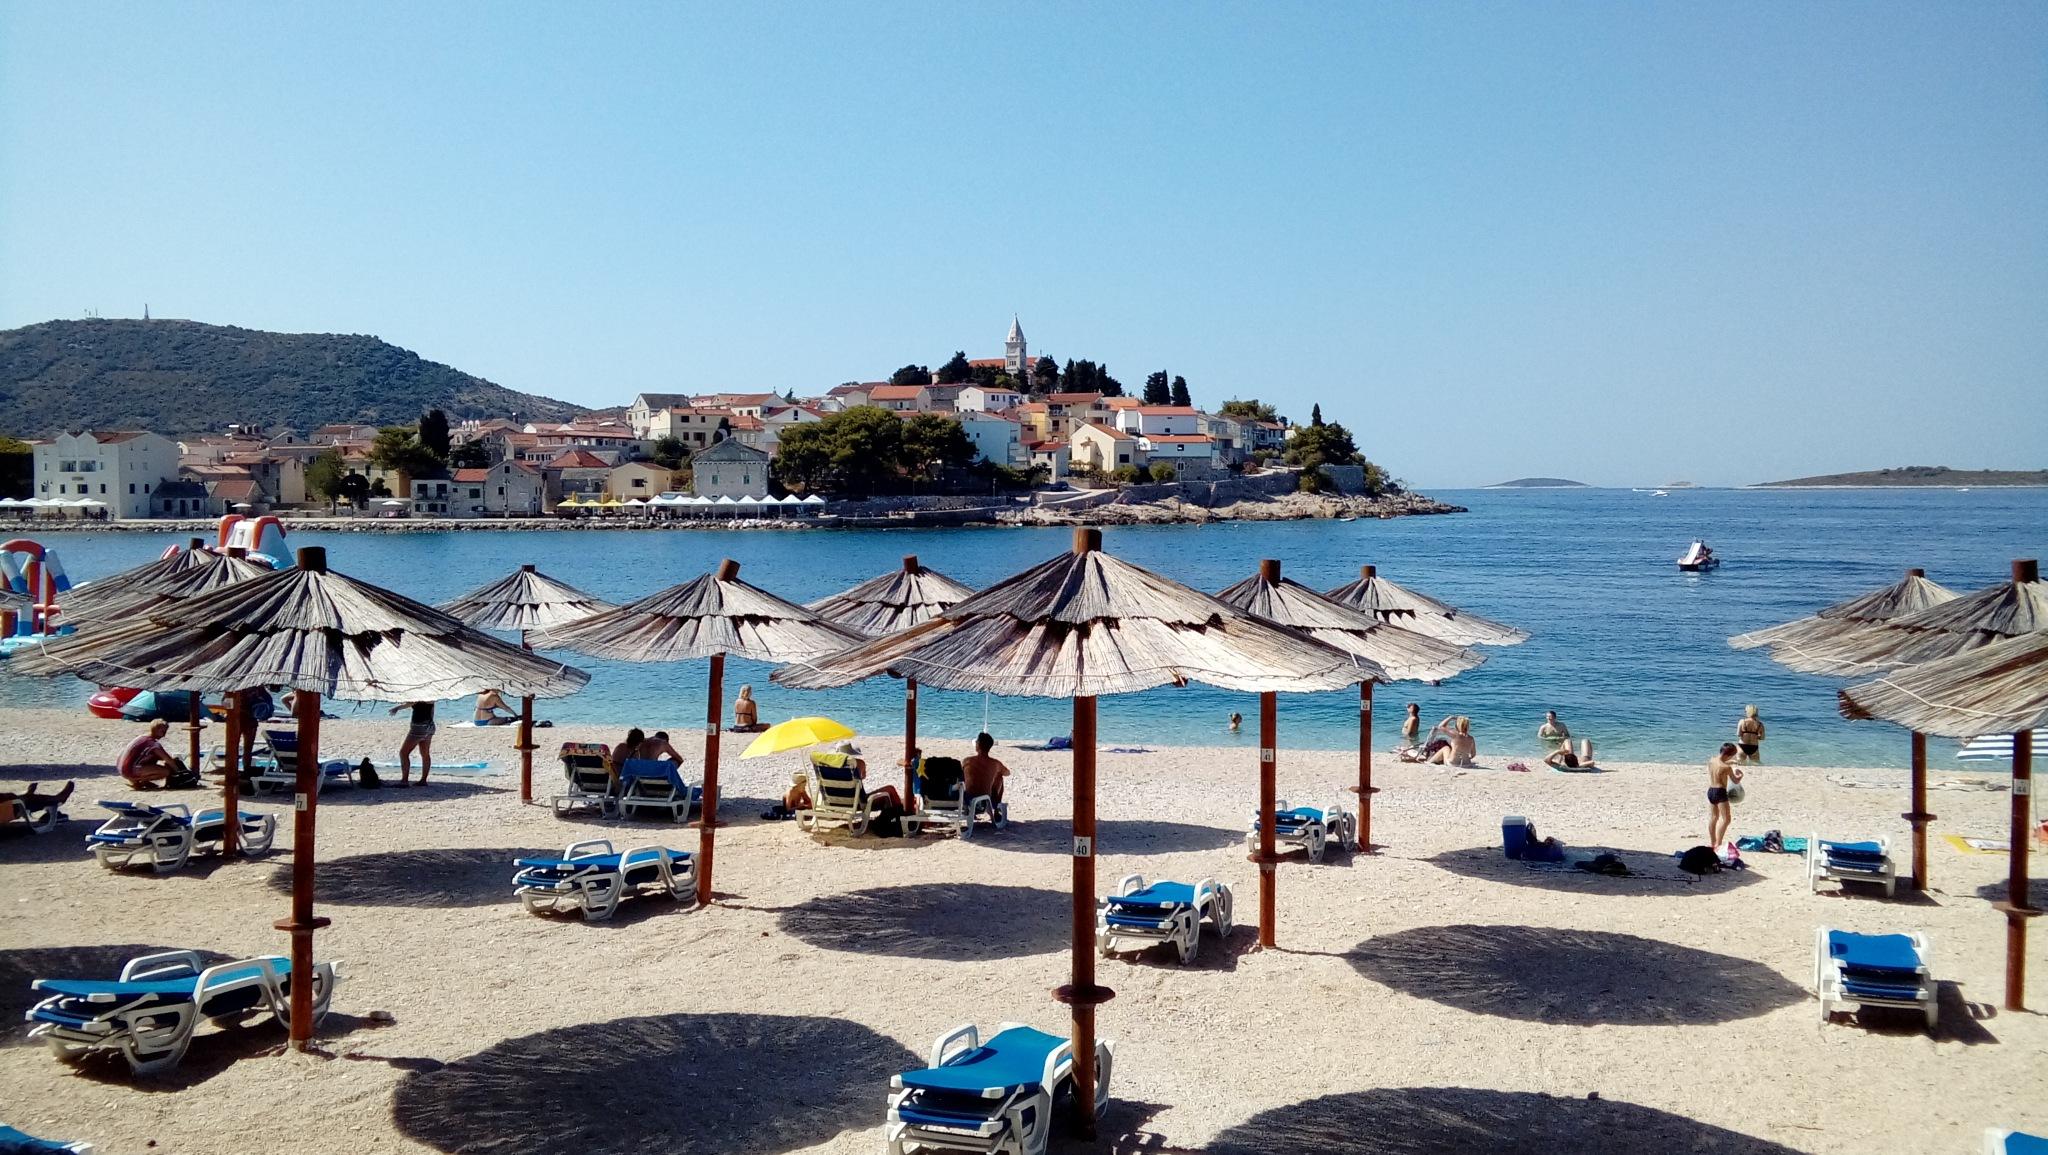 Croatia Primošten - Beach by Ana-Marija Veg